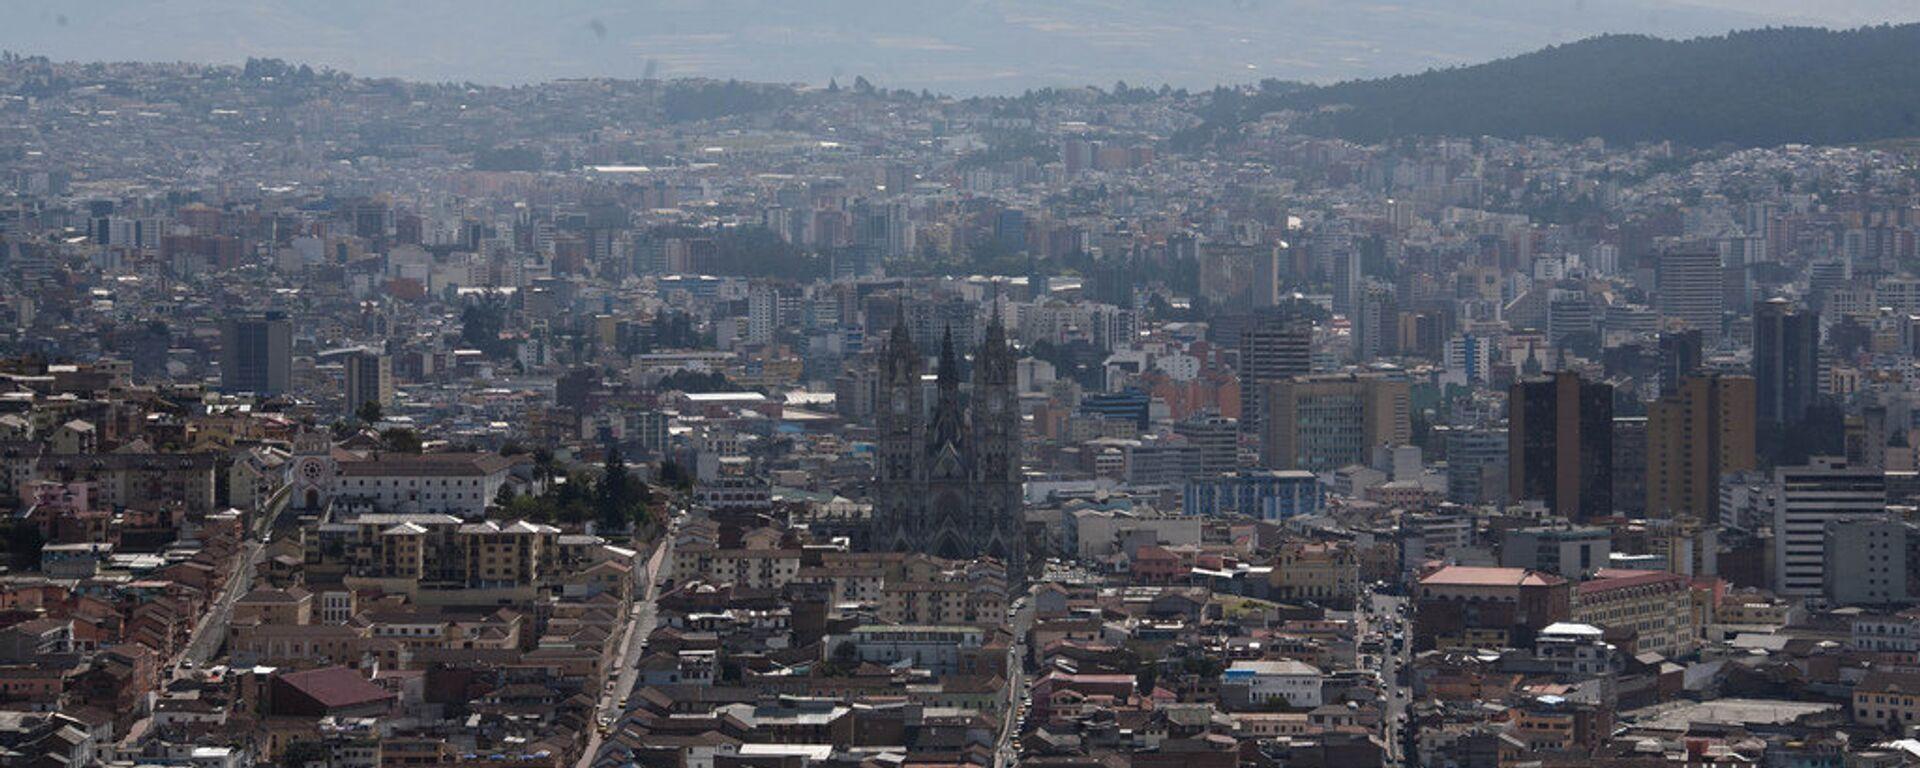 Quito, capital de Ecuador - Sputnik Mundo, 1920, 17.06.2021